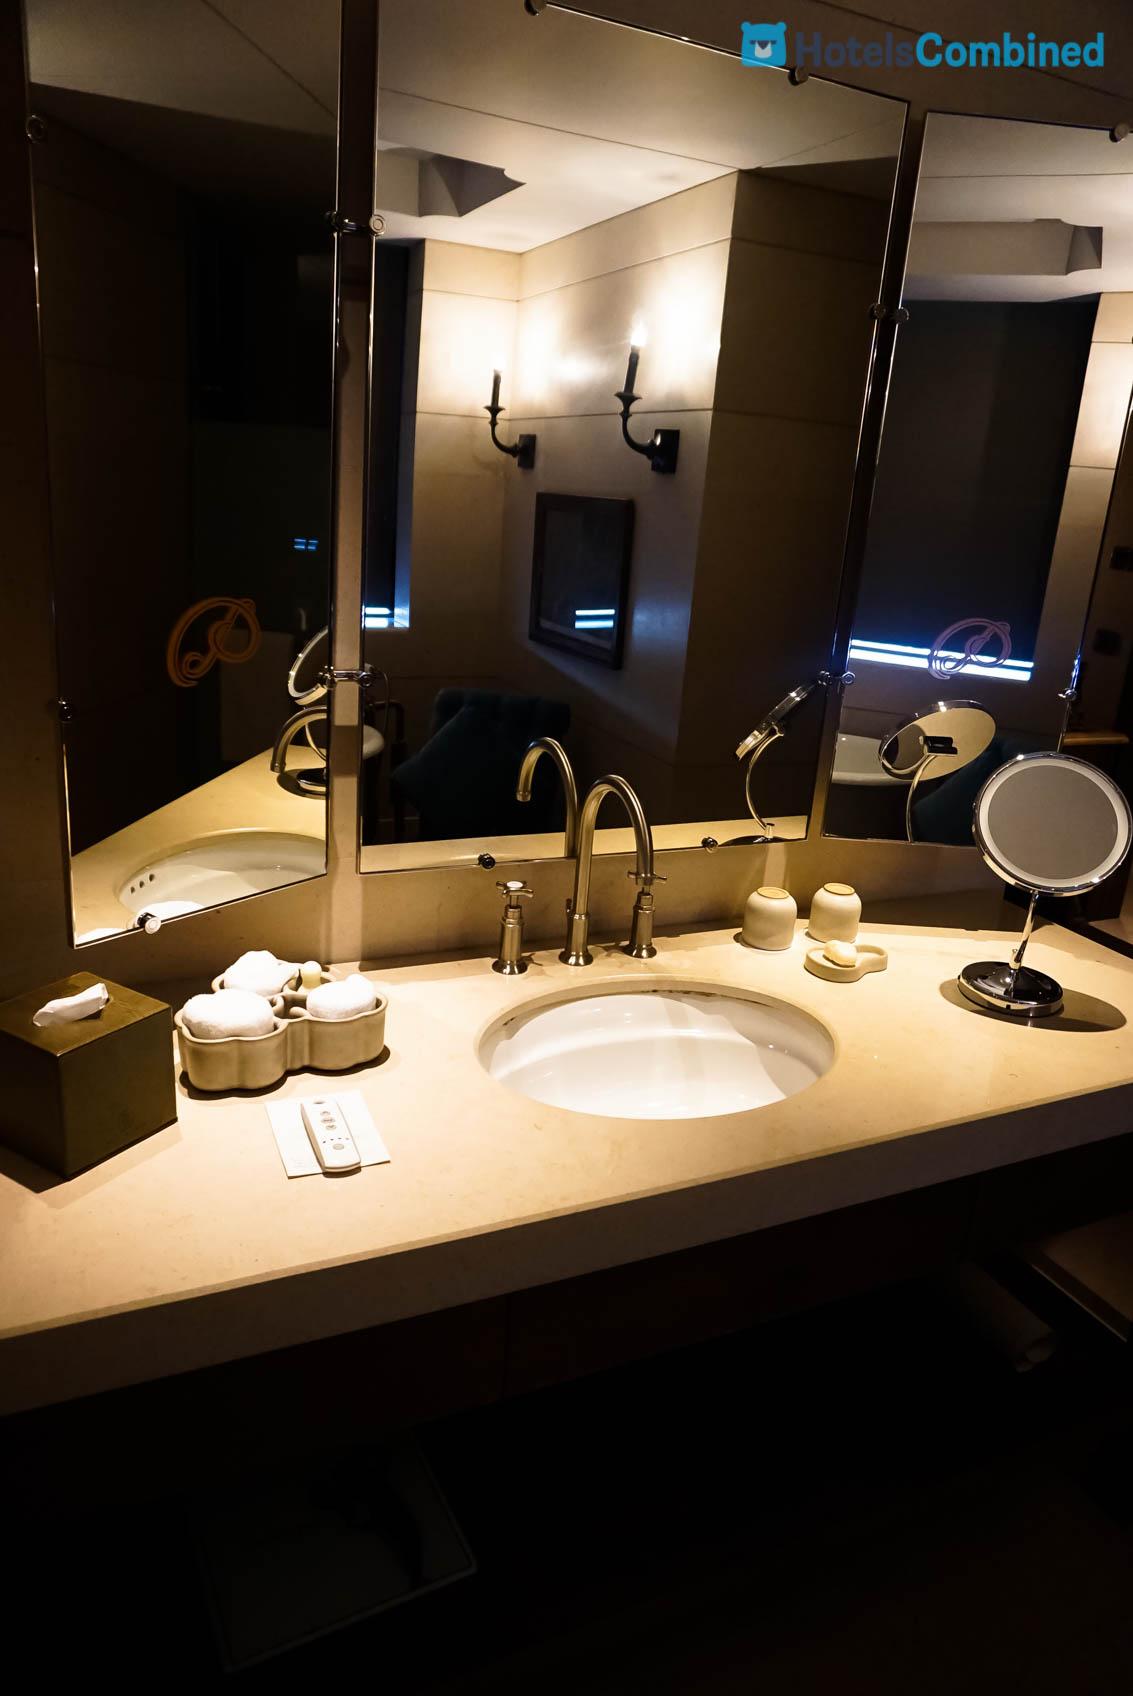 โซนห้องแต่งตัวและอาบน้ำ